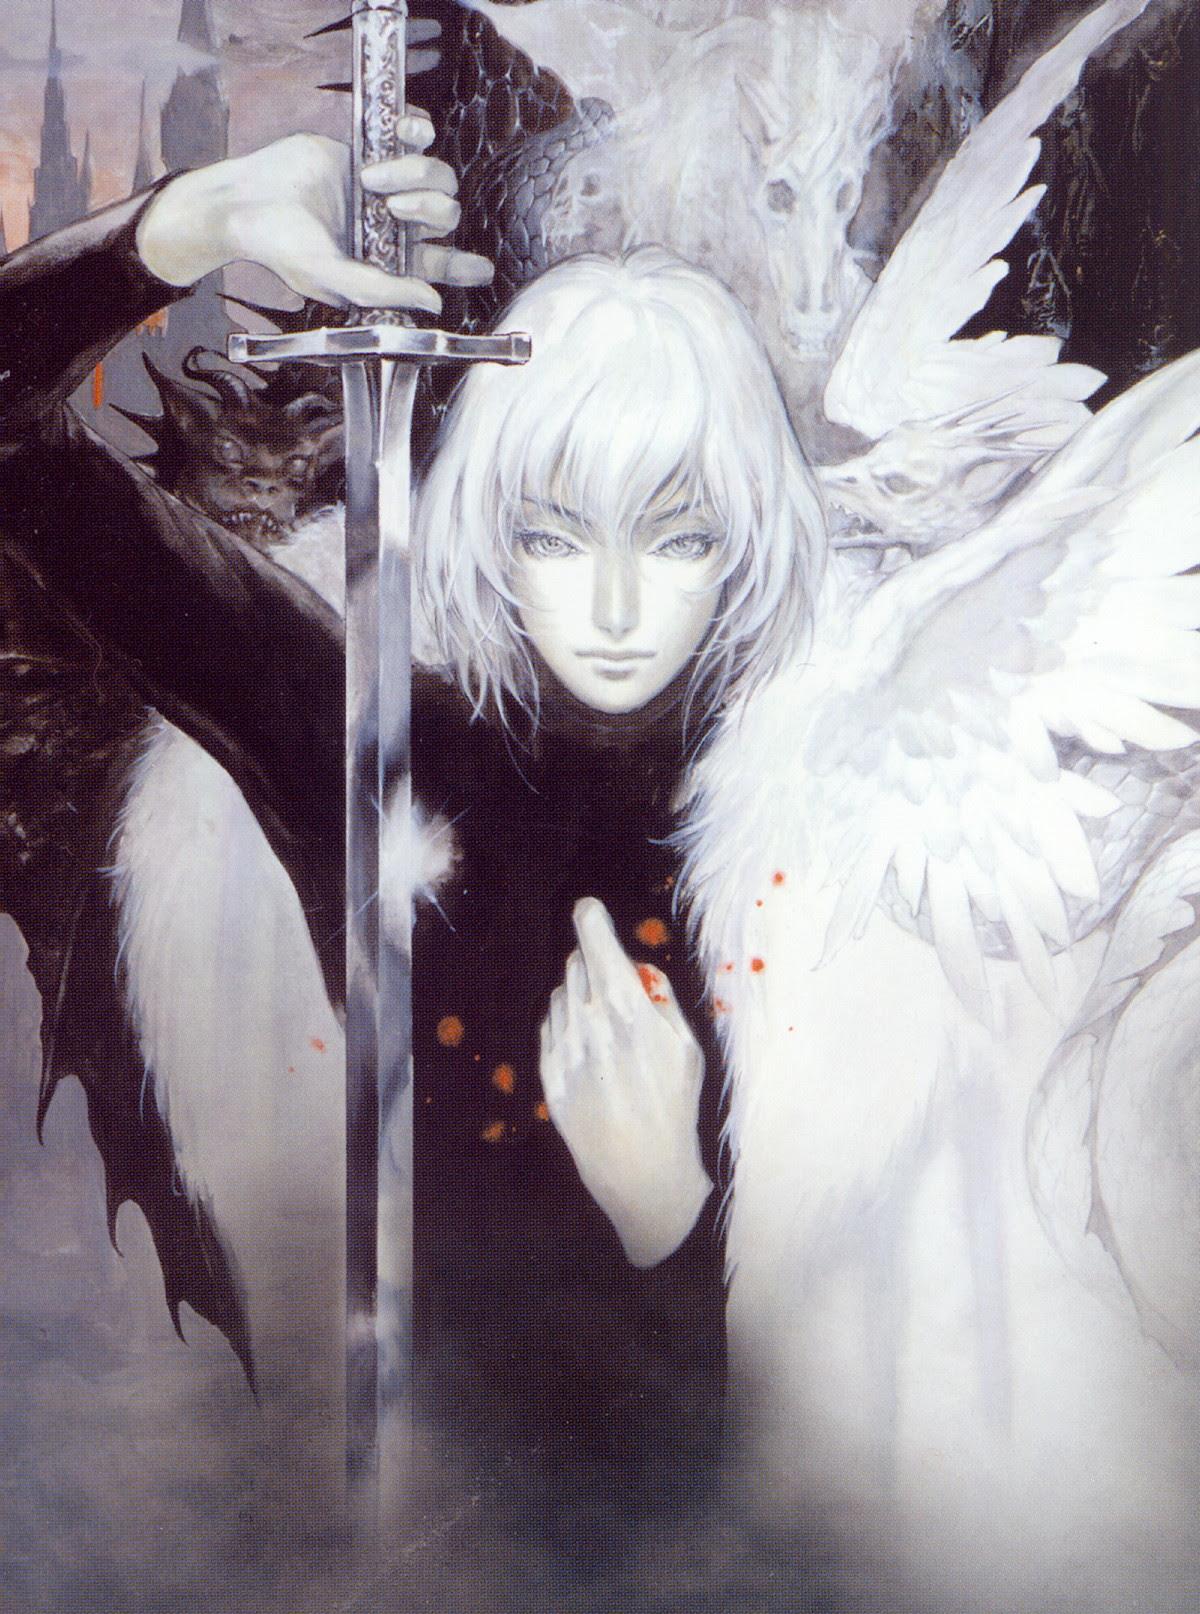 Vampire Killer A Castlevania Gallery Translation Resource